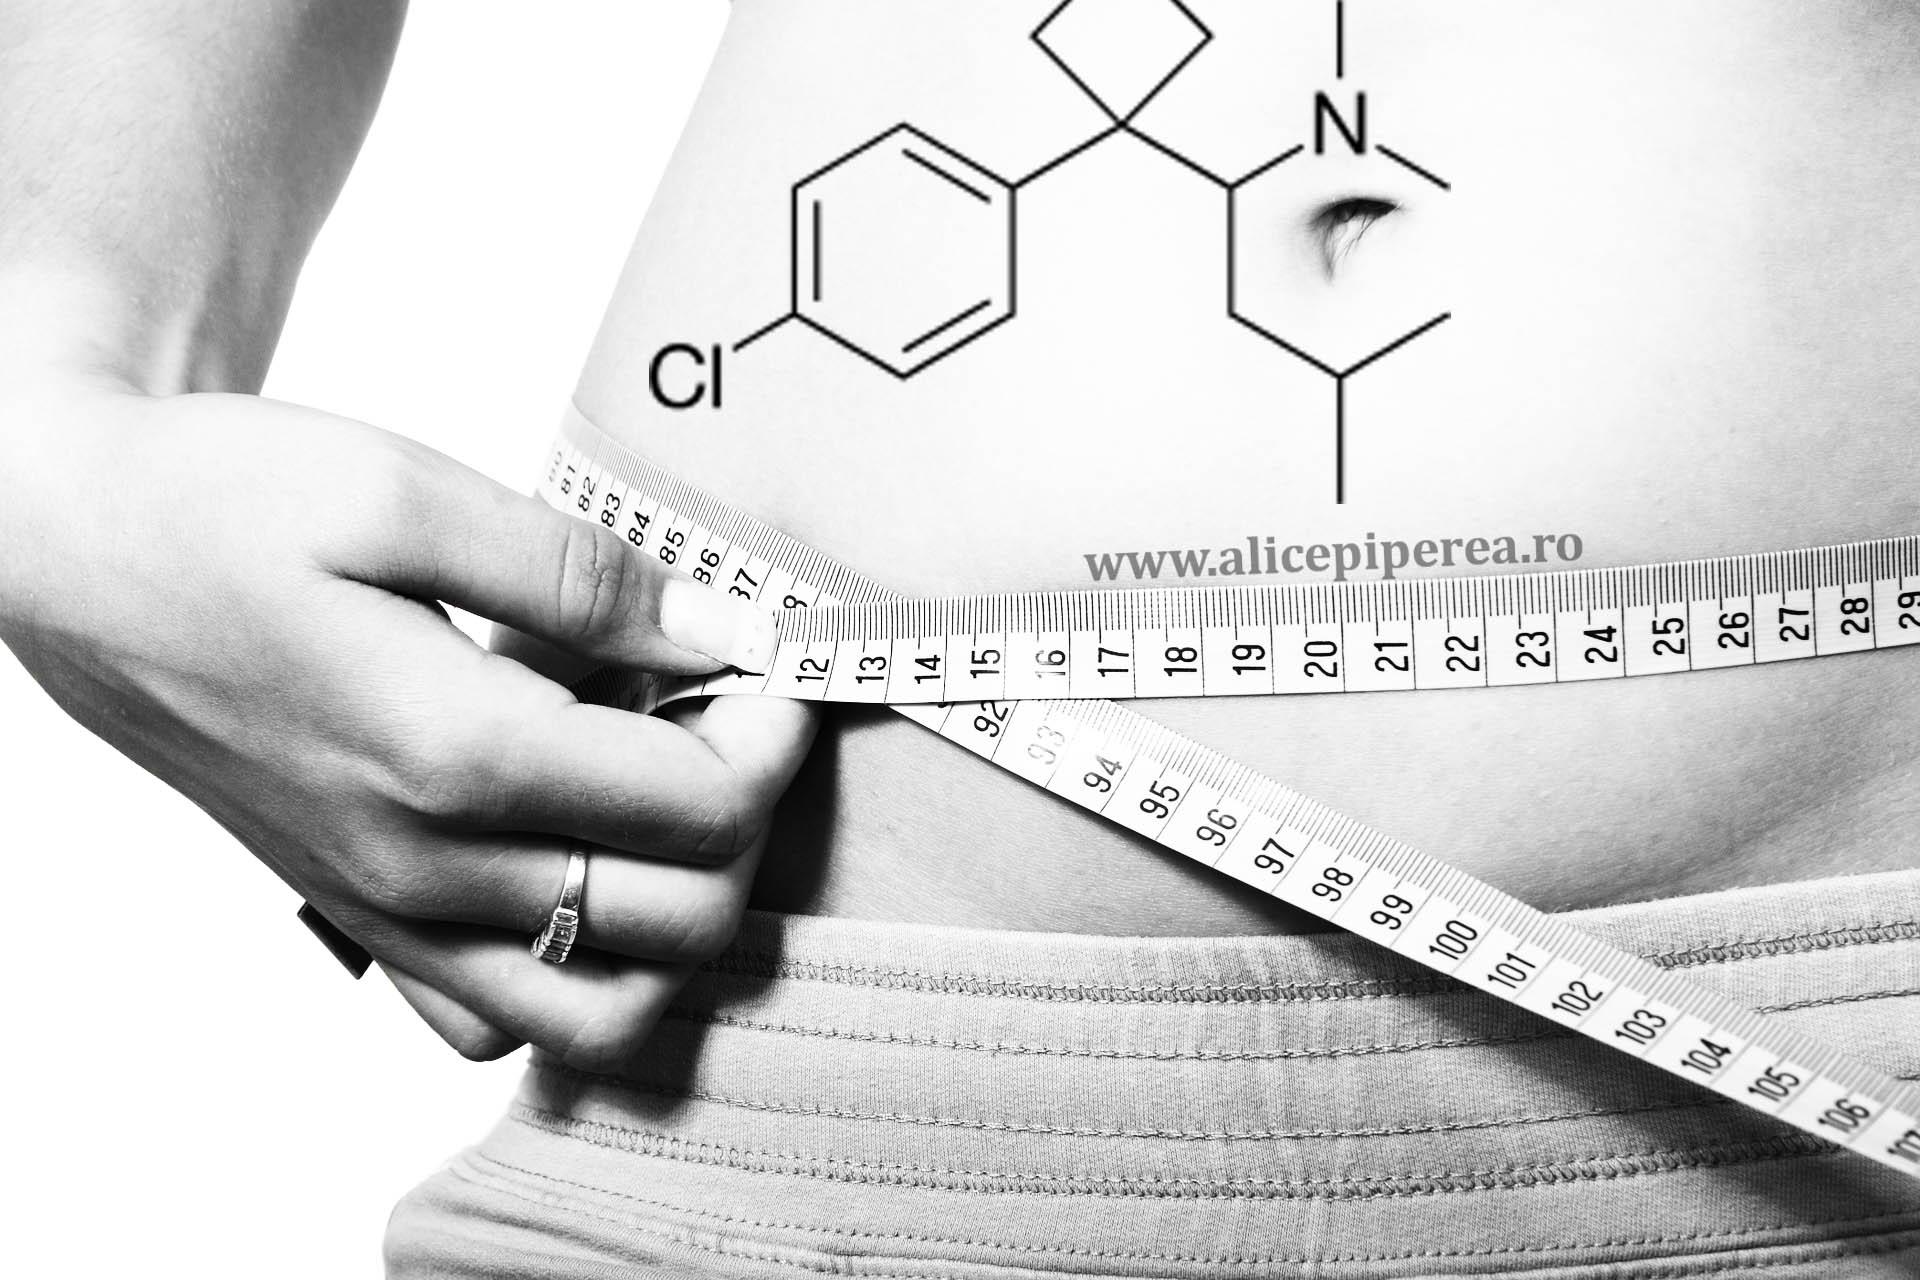 efecte secundare de pierdere în greutate sensa)